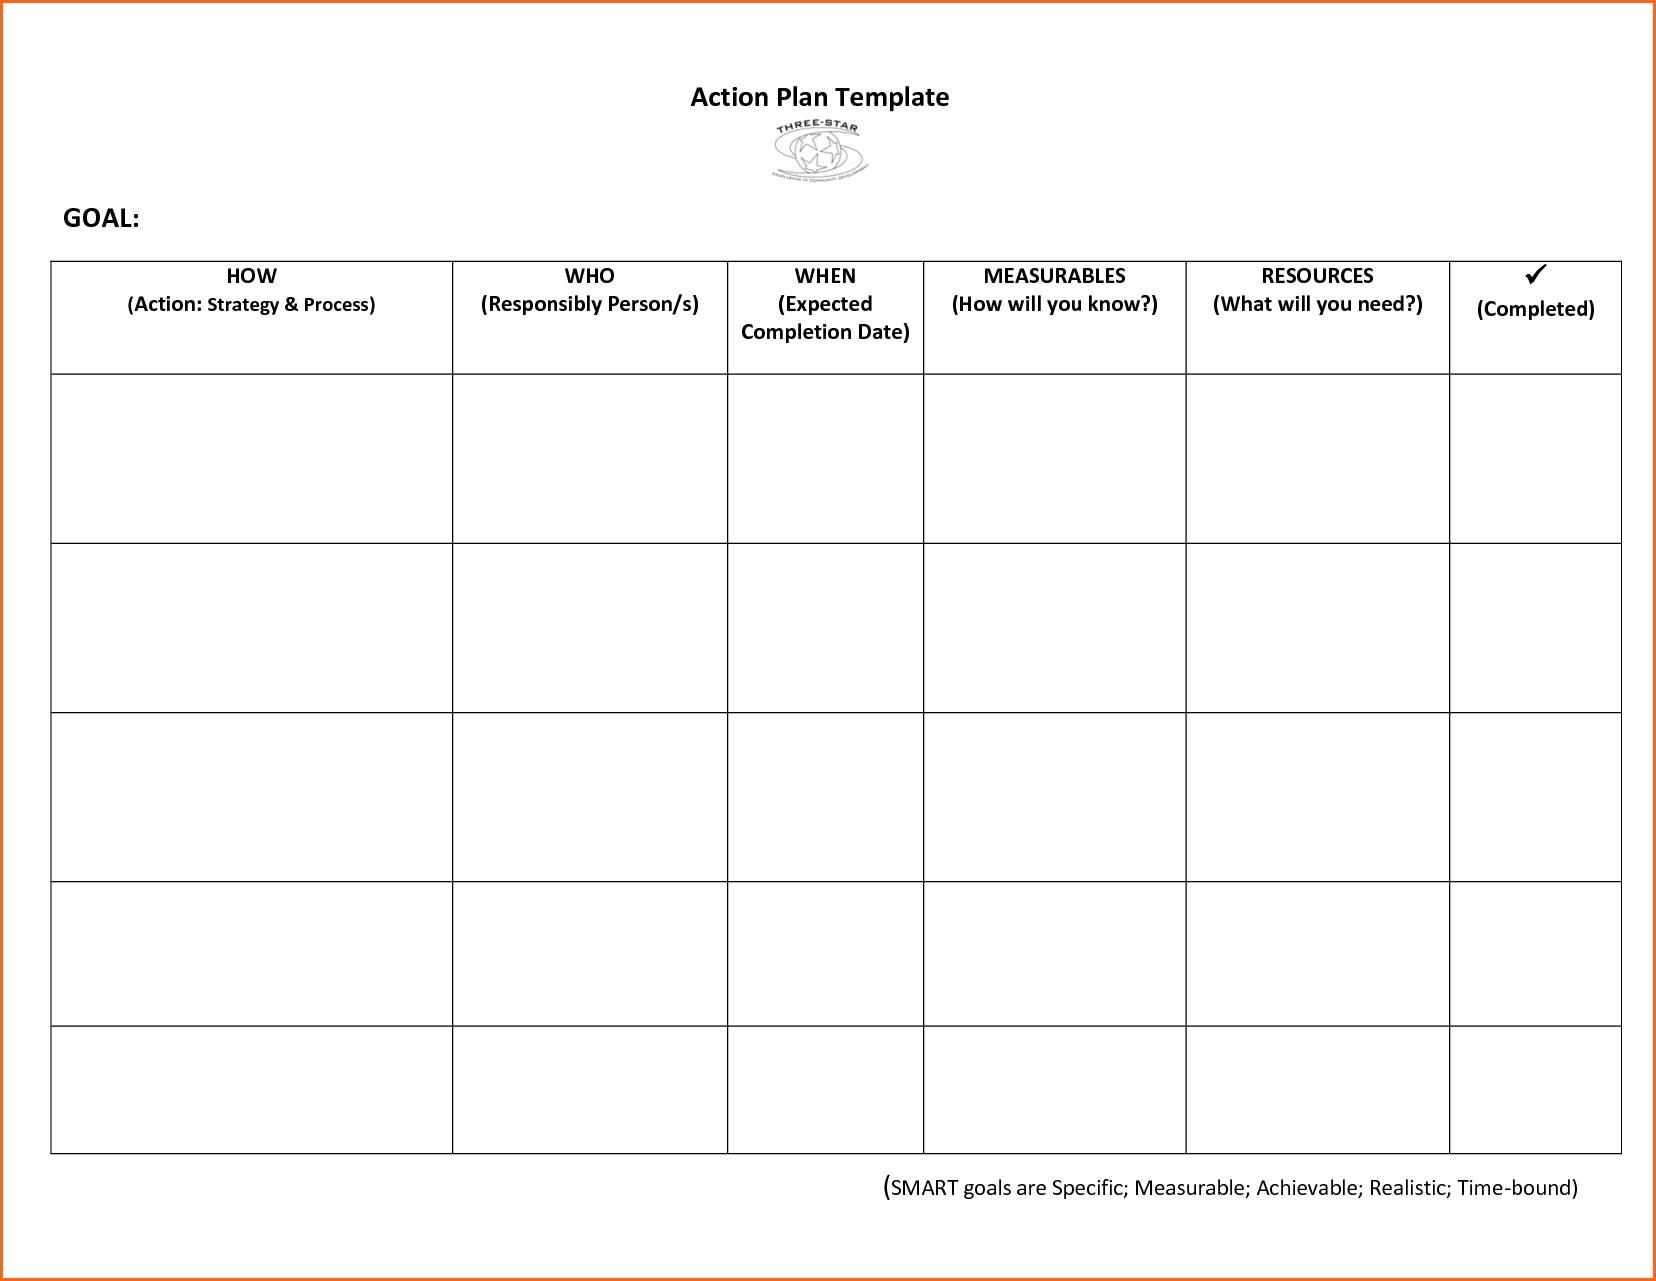 001 Astounding Smart Action Plan Template Image  Nh Download NursingFull